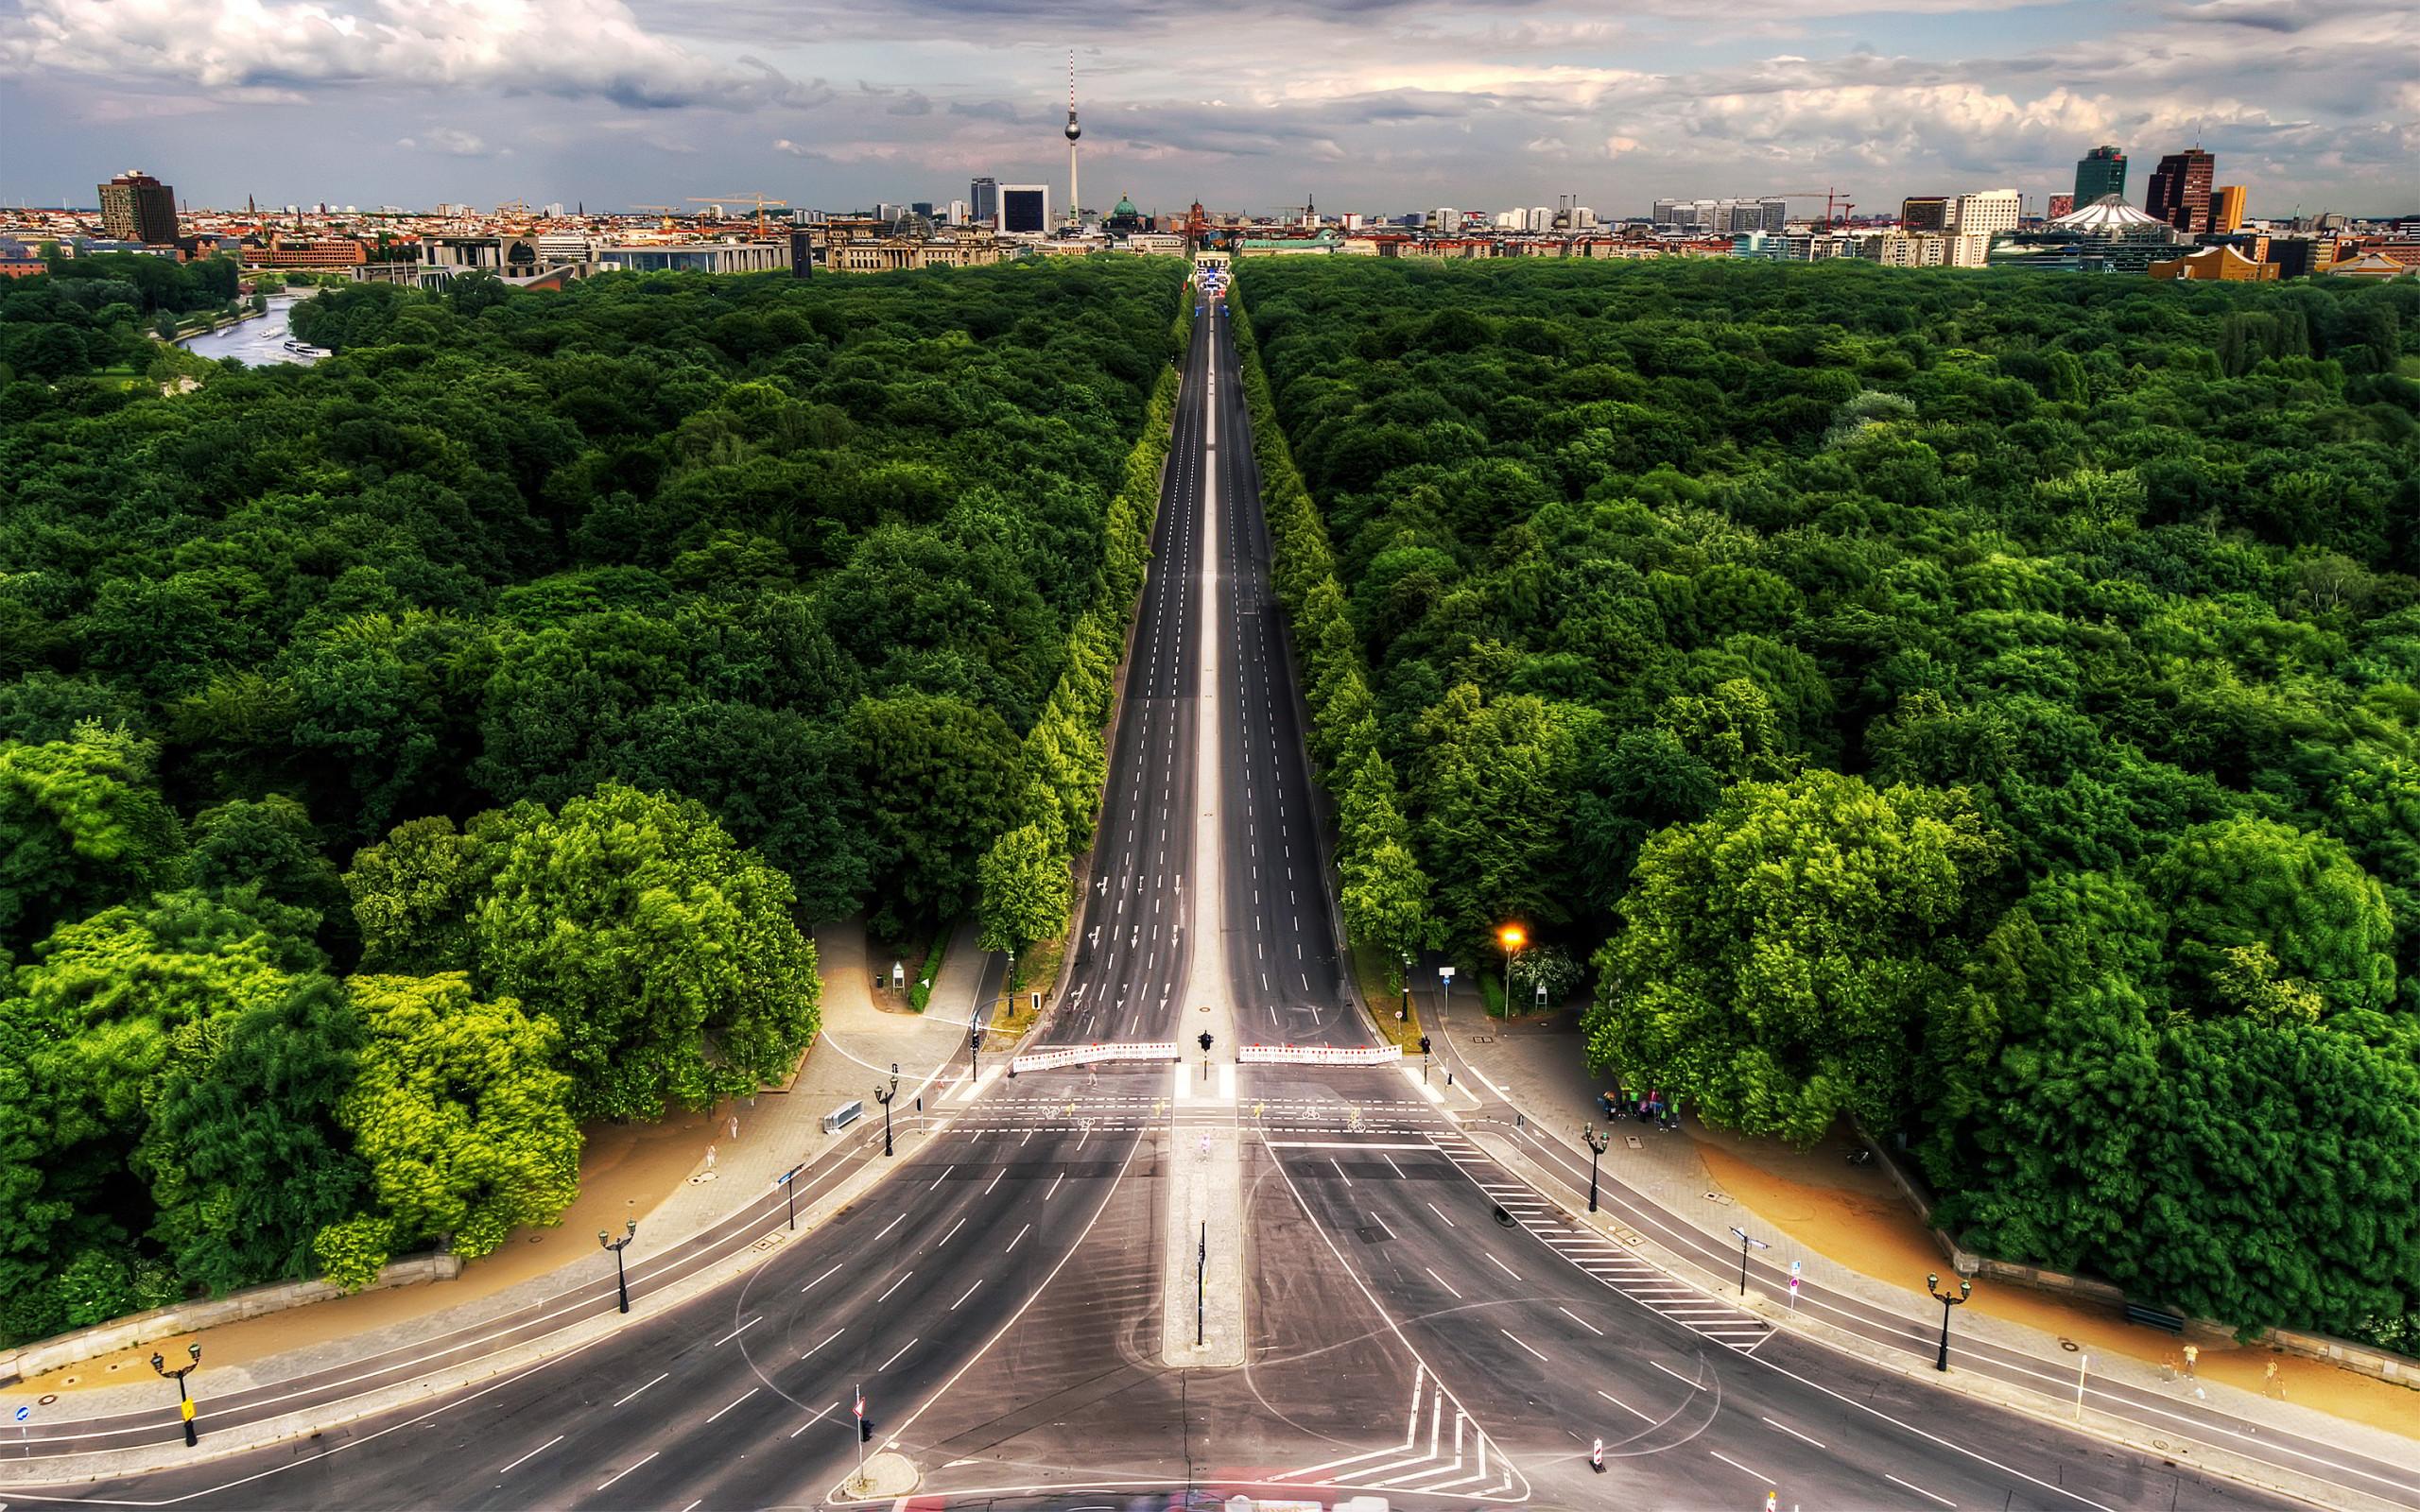 Berlin Siegessaule Tiergarten